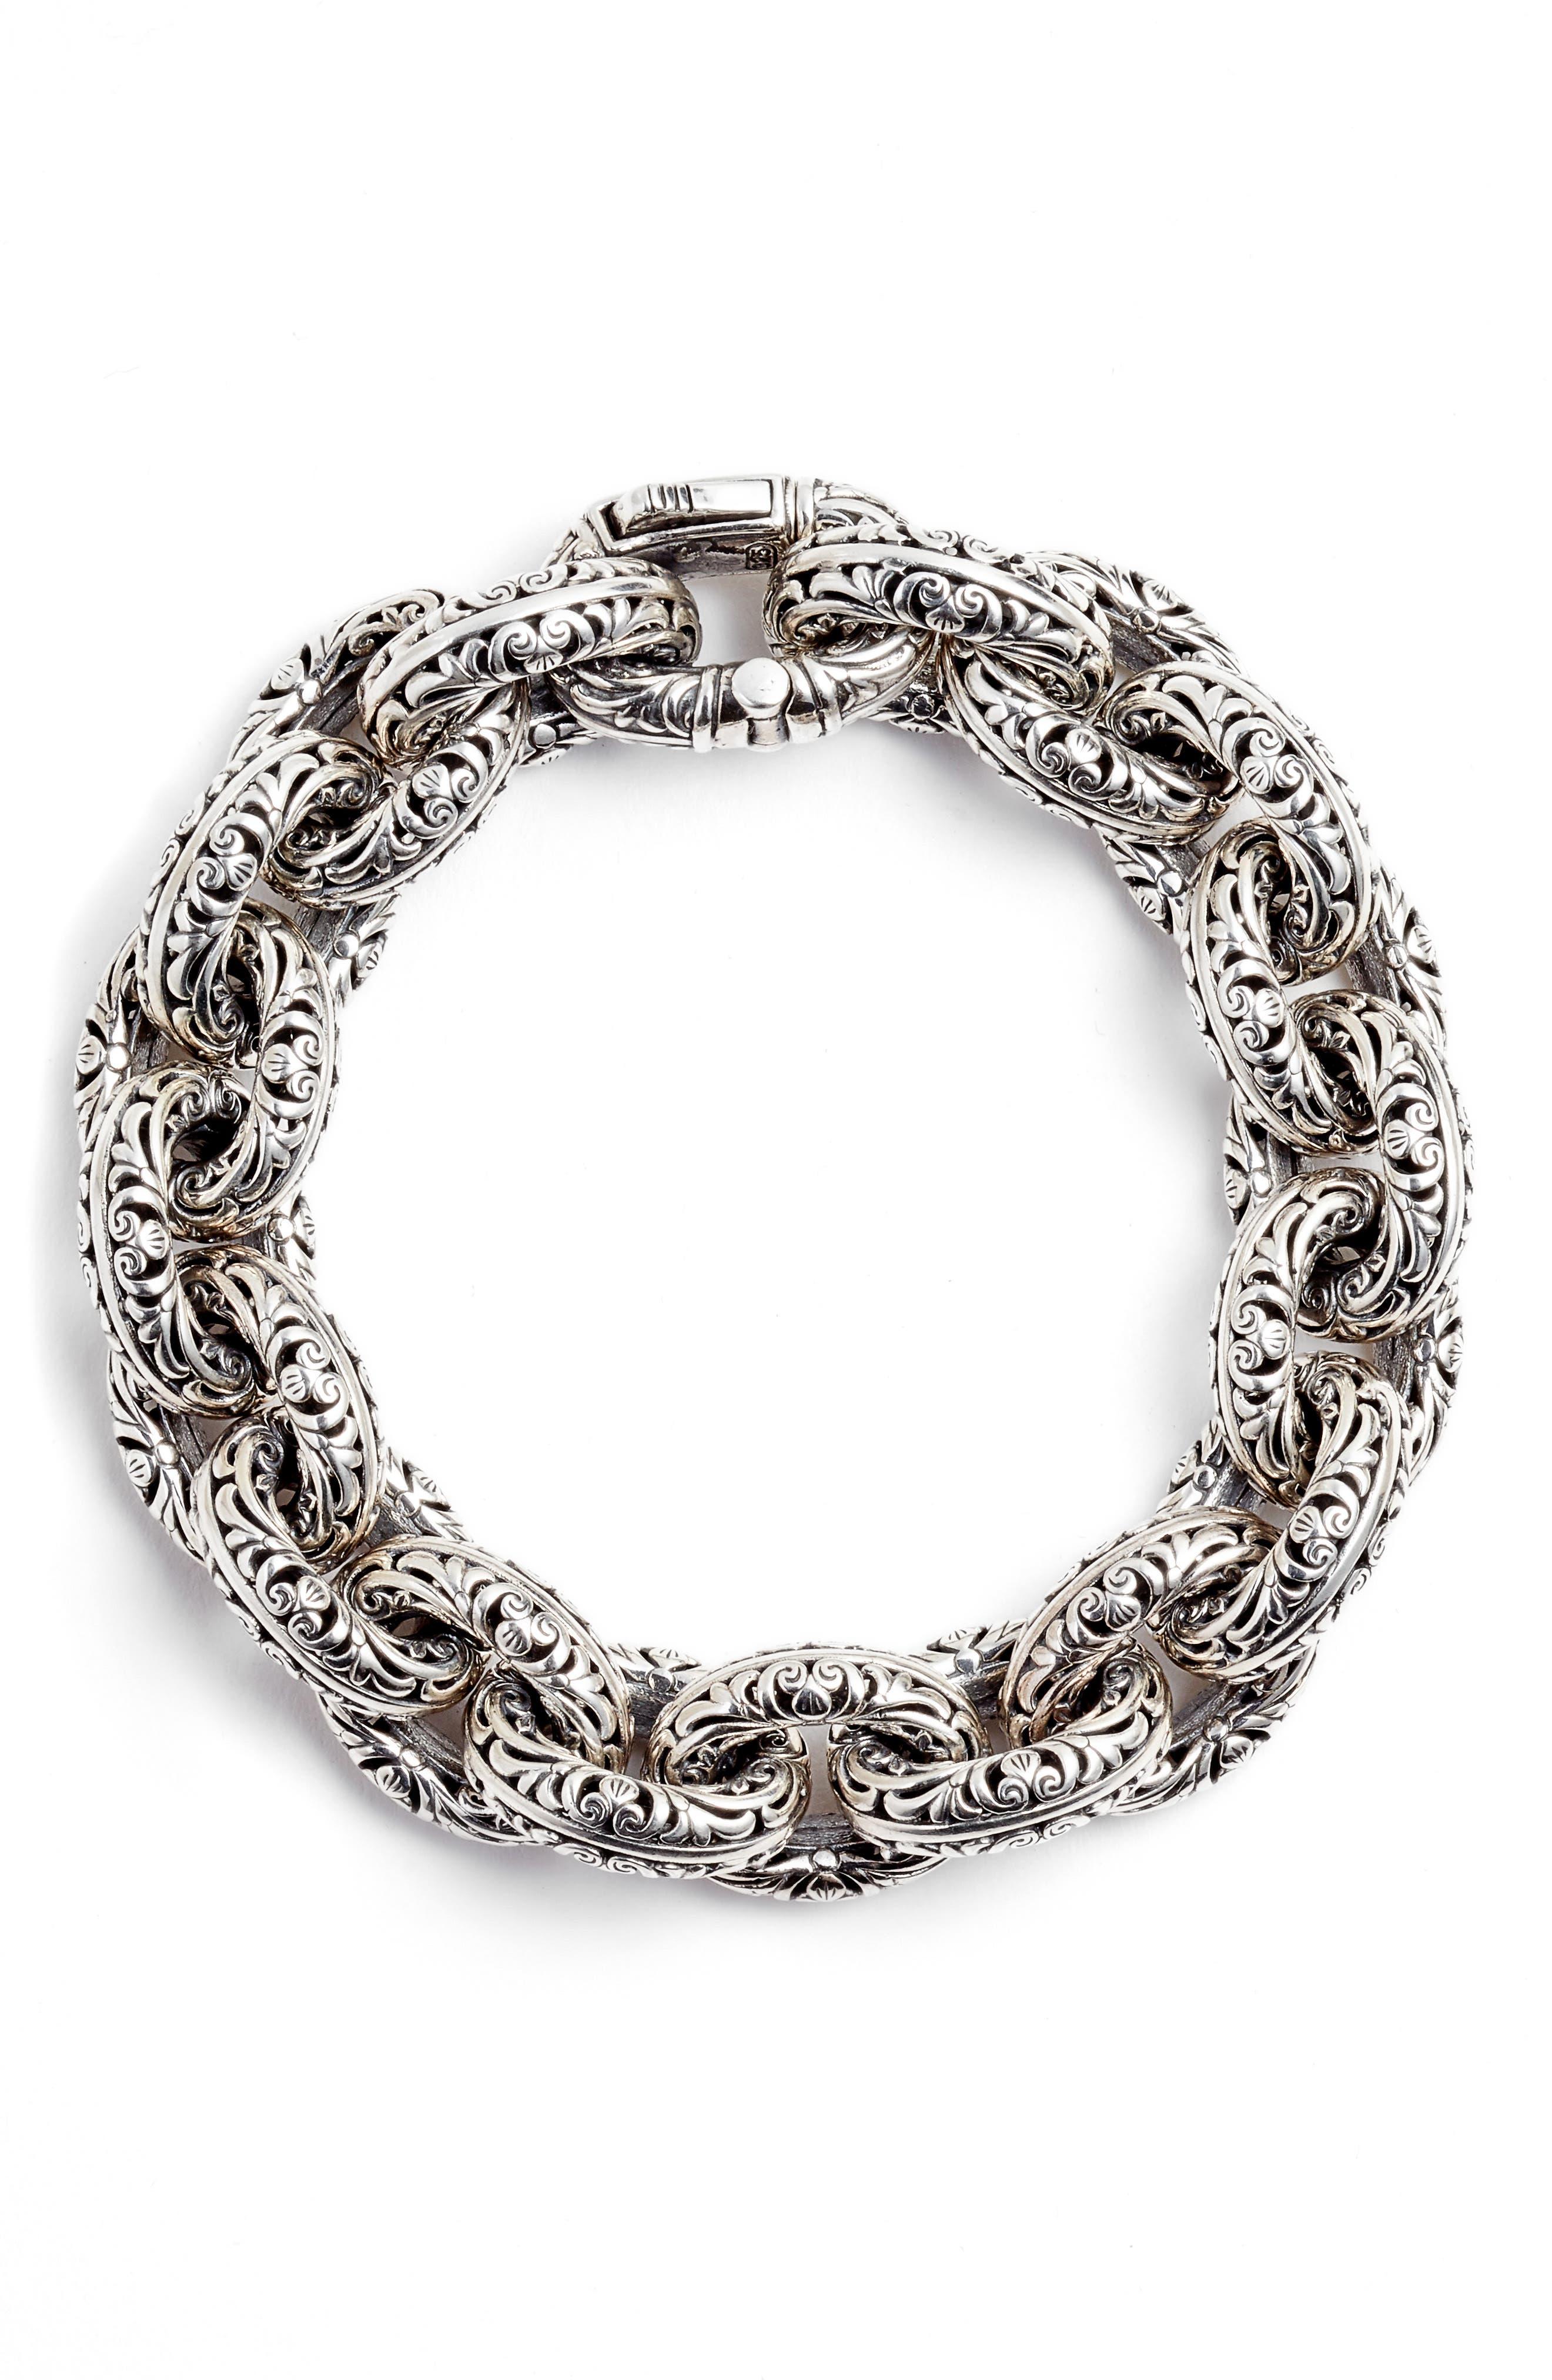 Etched Sterling Silver Filigree Bracelet,                         Main,                         color, SILVER